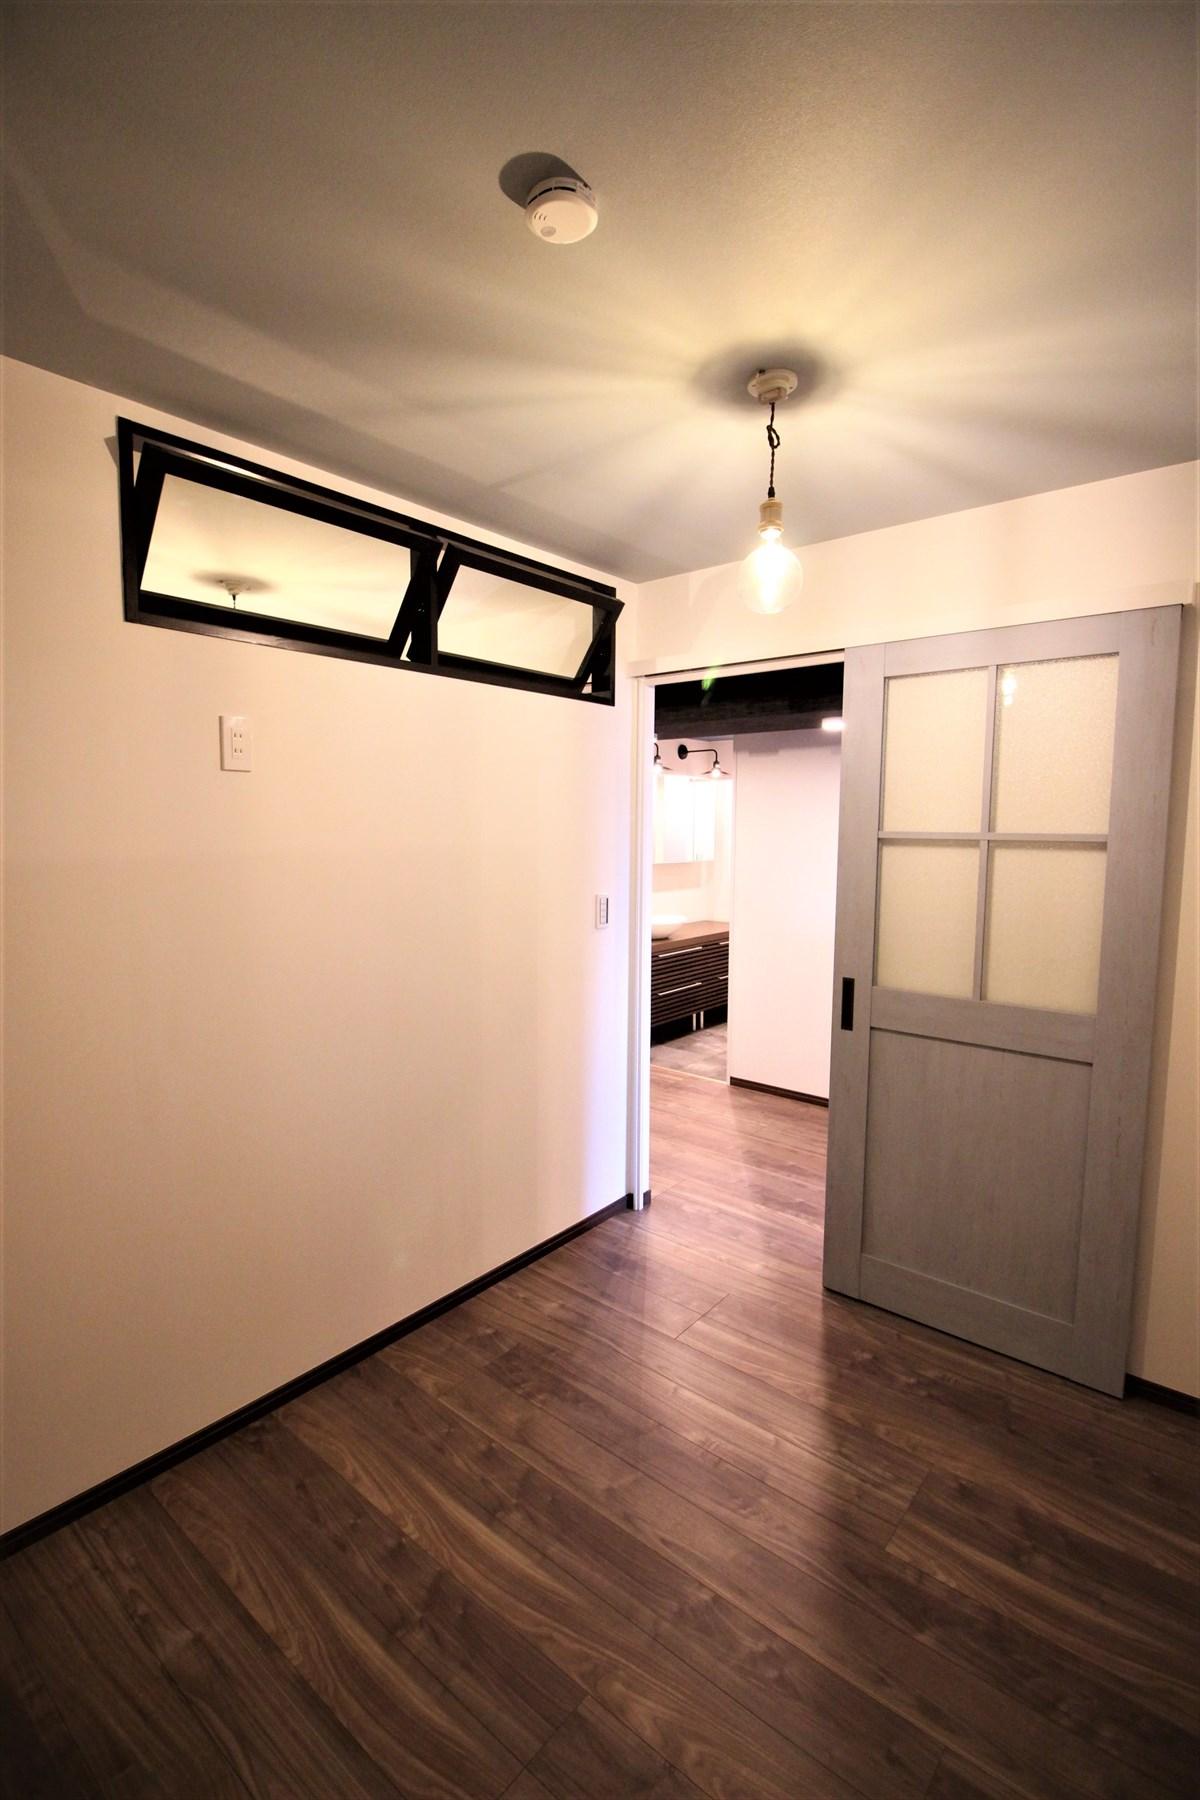 回転窓で奥の部屋に光を入れたマンションリノベーション 横浜リノベーション